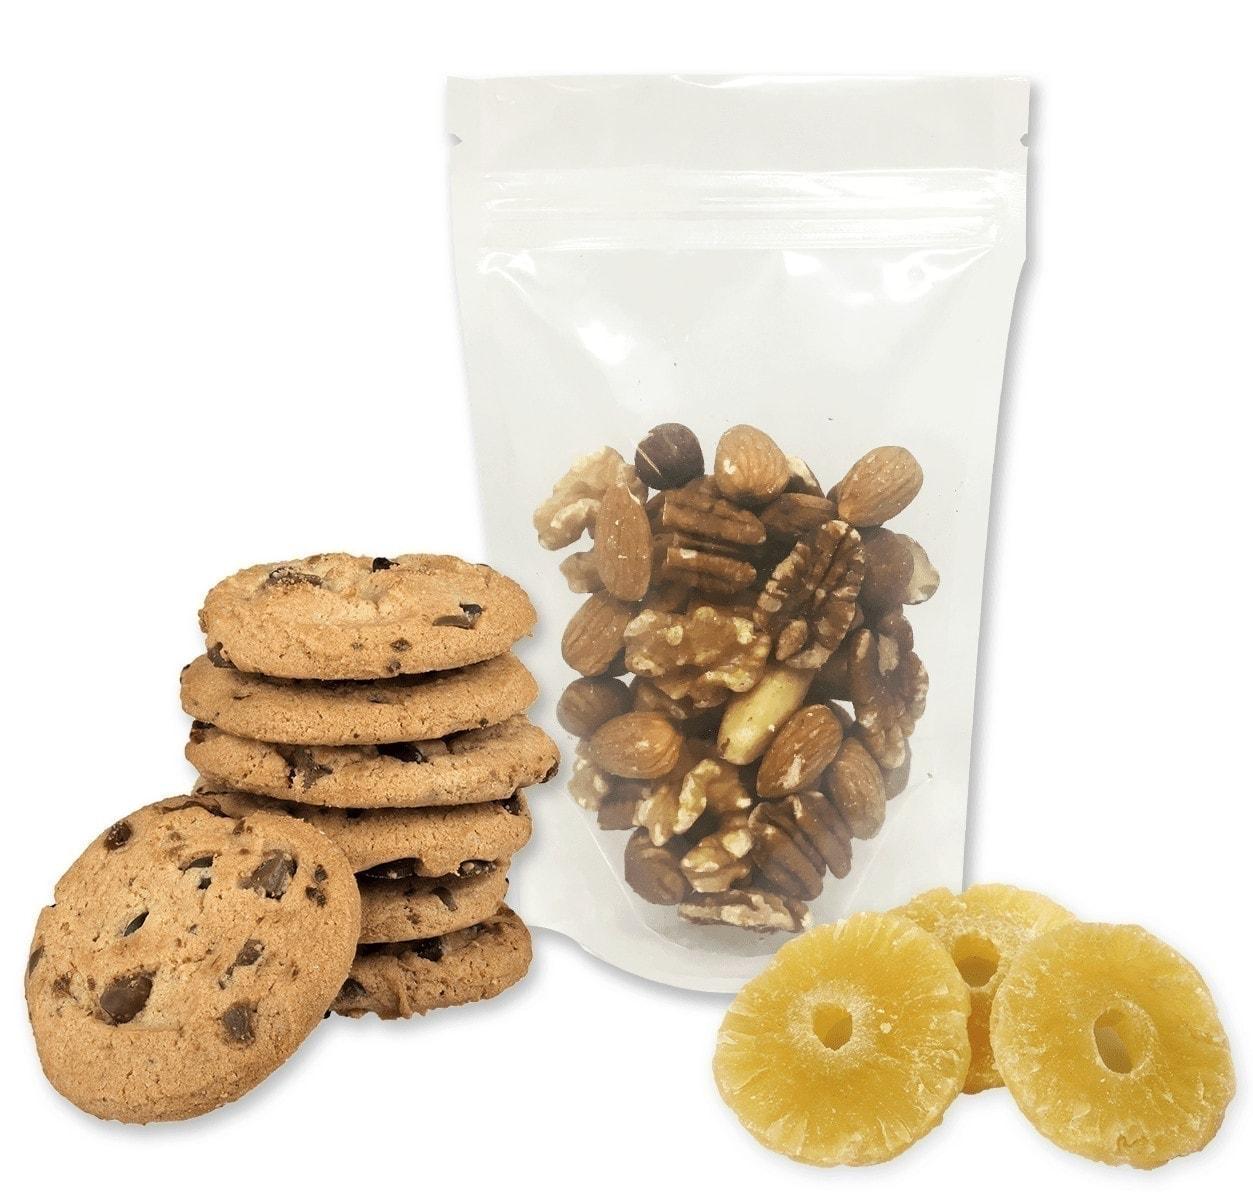 food packaging bags, clear bags